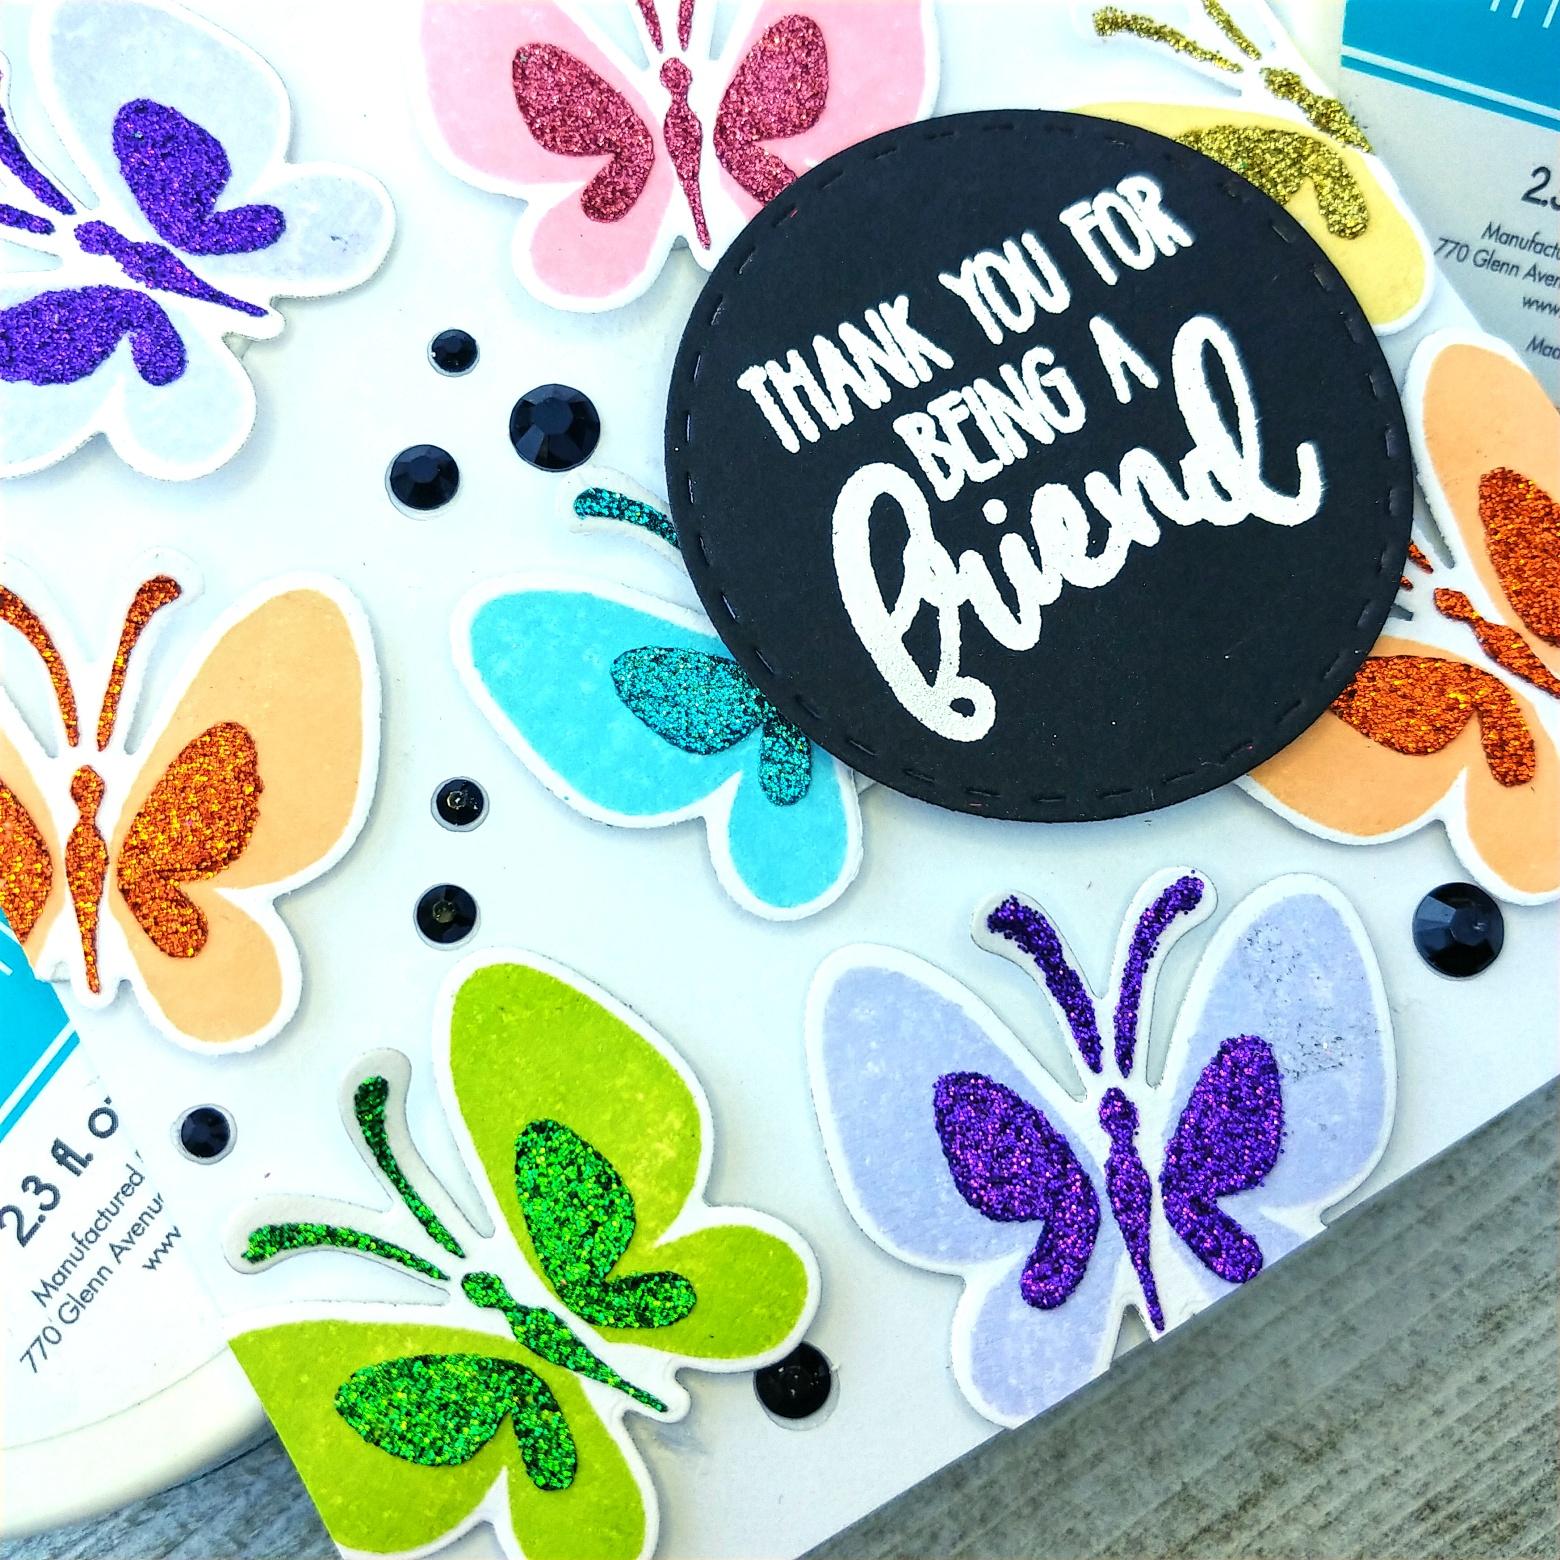 NO WM Glitz Petals and Wings 4